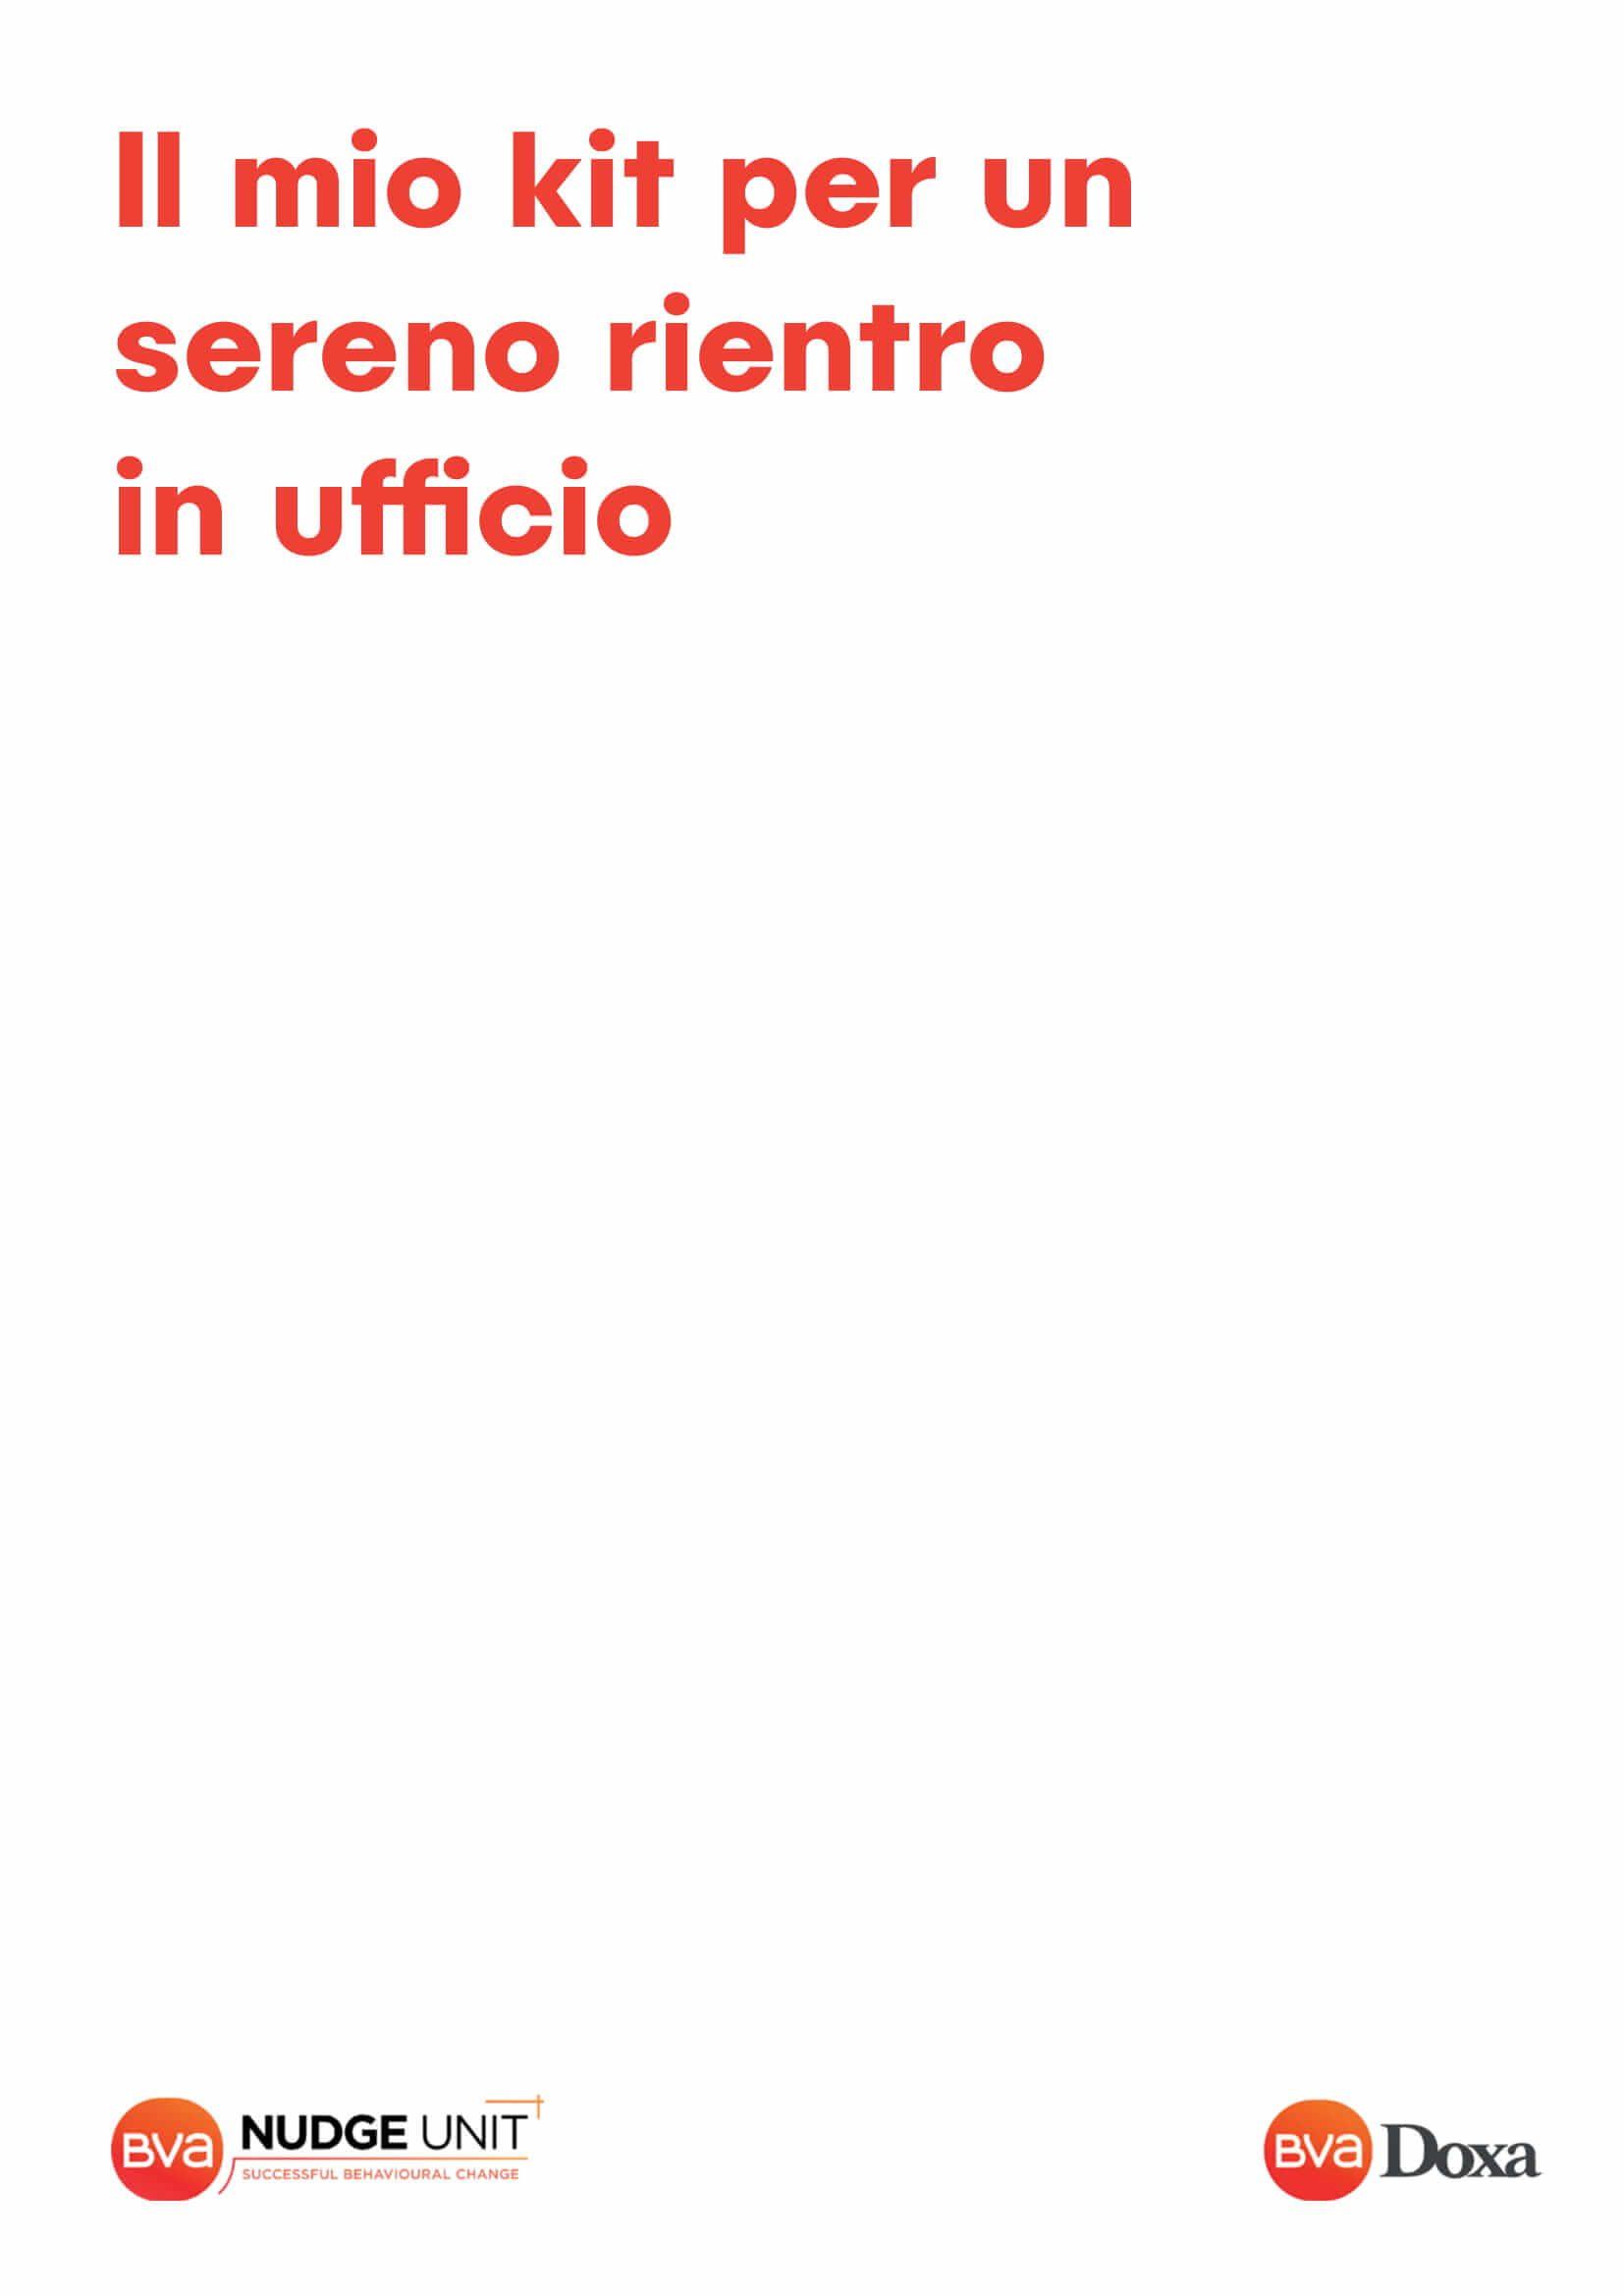 Kit Per Un Sereno Rientro In Ufficio 01